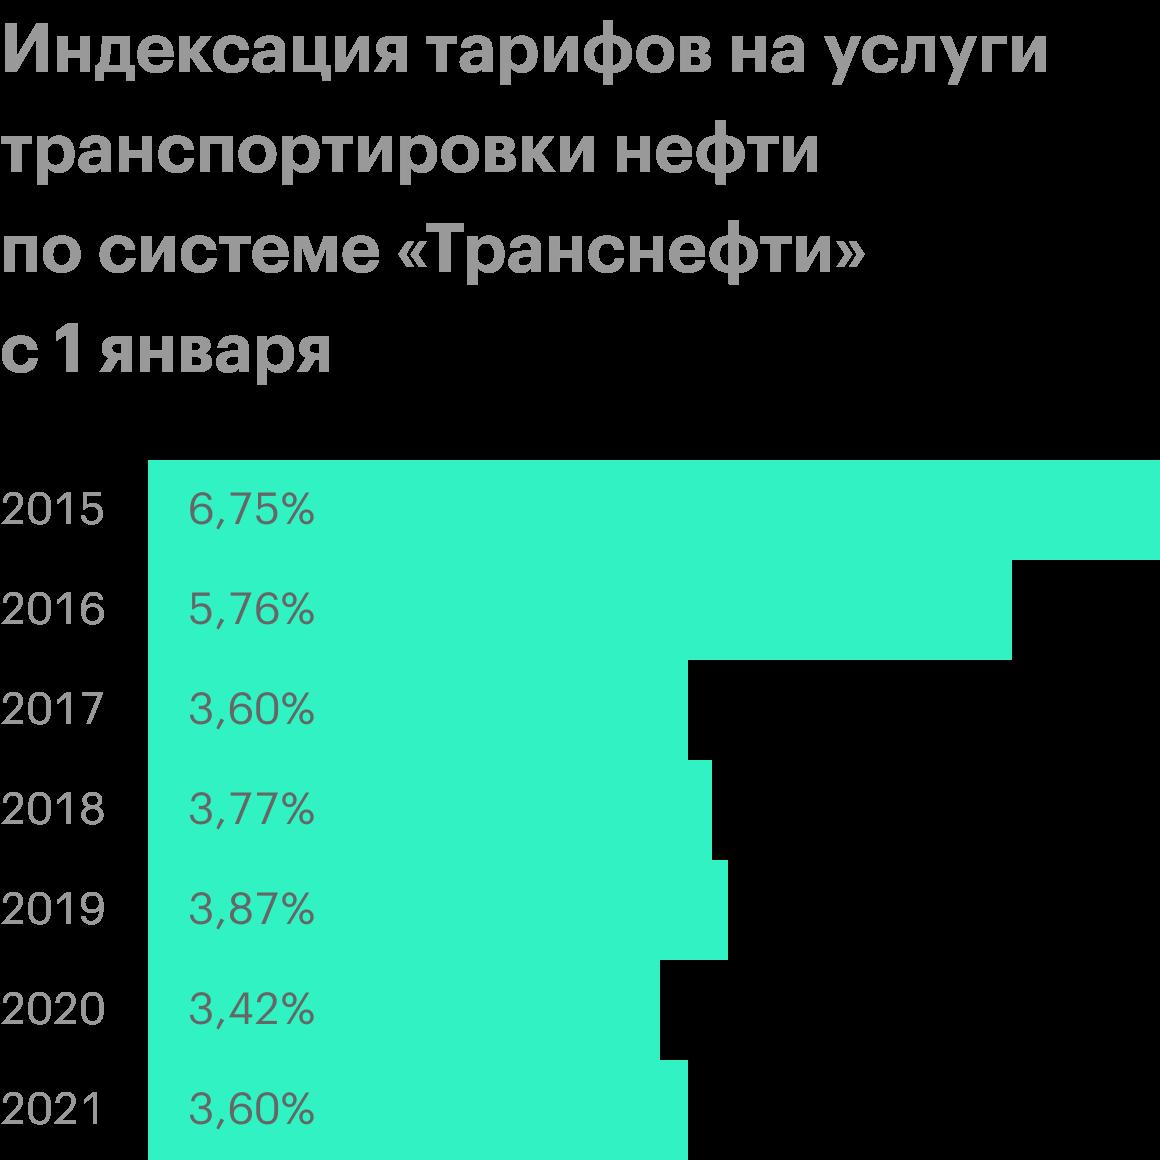 Источник: финансовая отчетность «Транснефти»